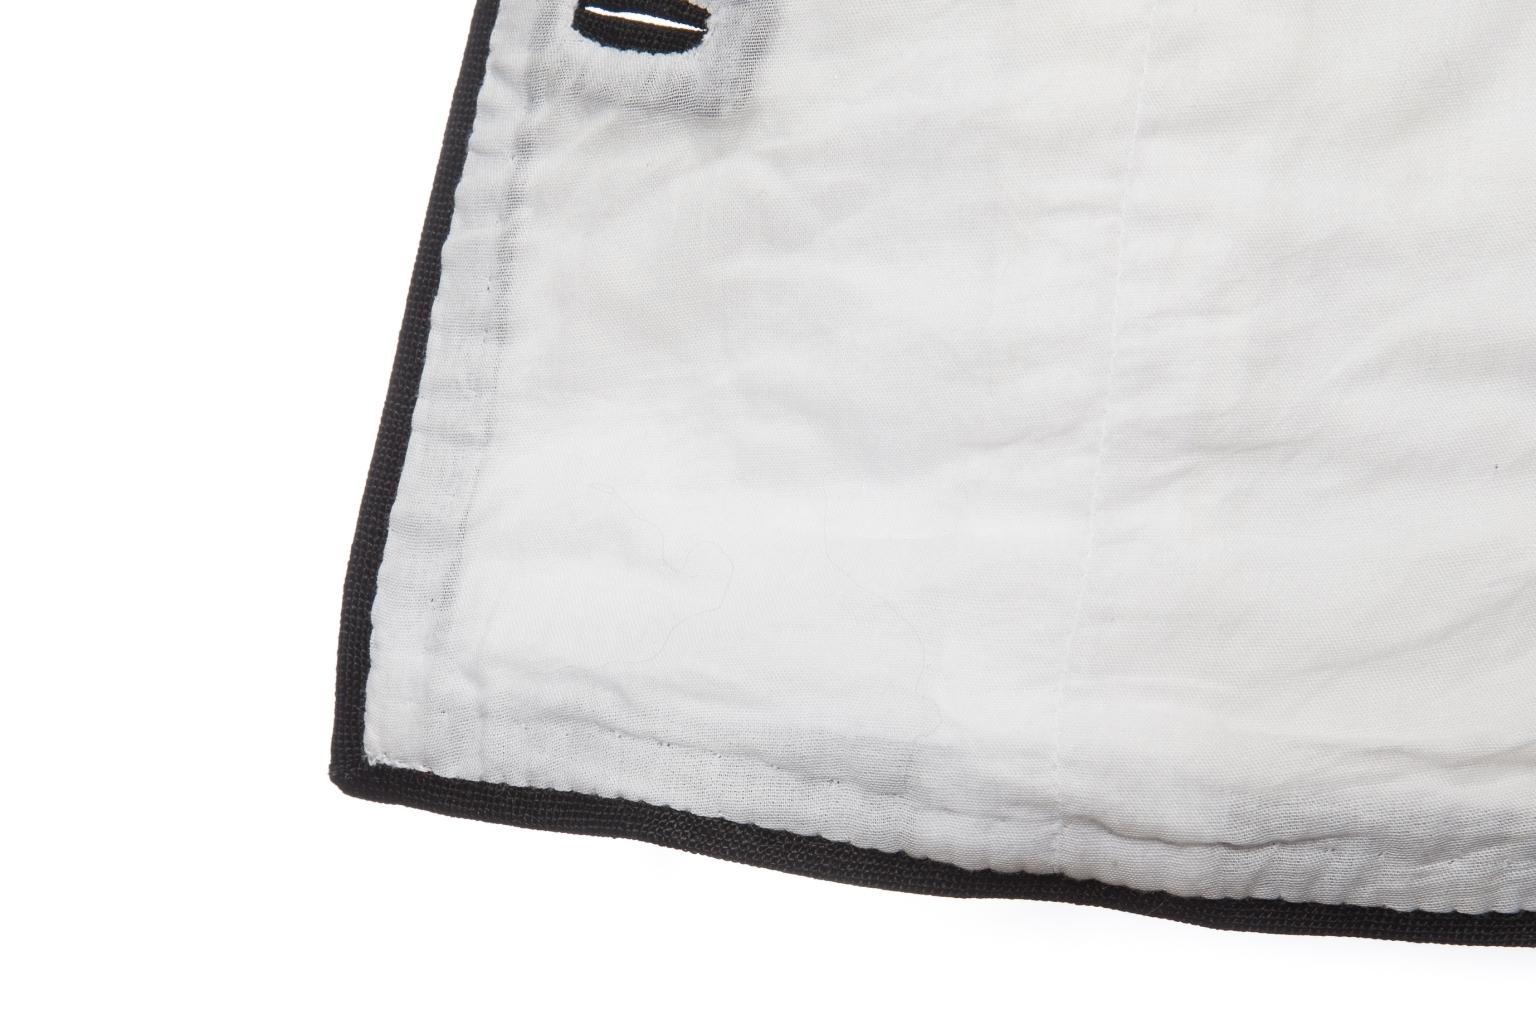 Женственный жакет от Chanel из льна белого цвета с отделкой черного цвета, 38 размер.